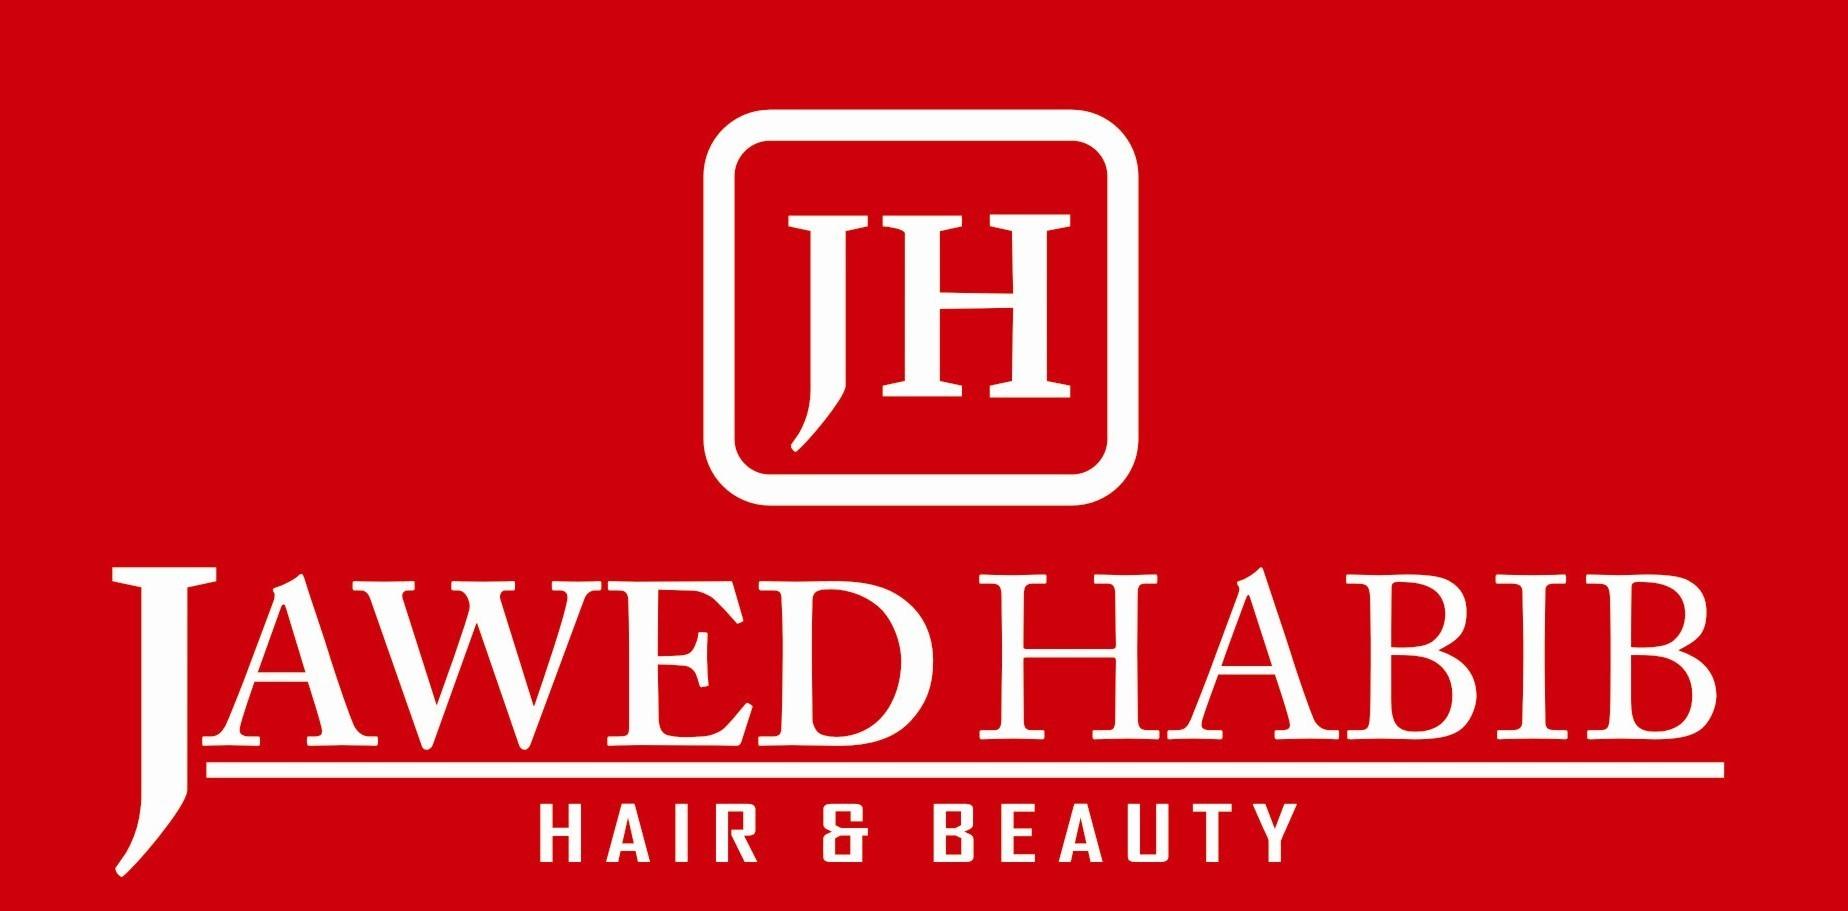 Jawed Habib Hair & Beauty Salons - Anand Vidya Nagar Road - Anand Image